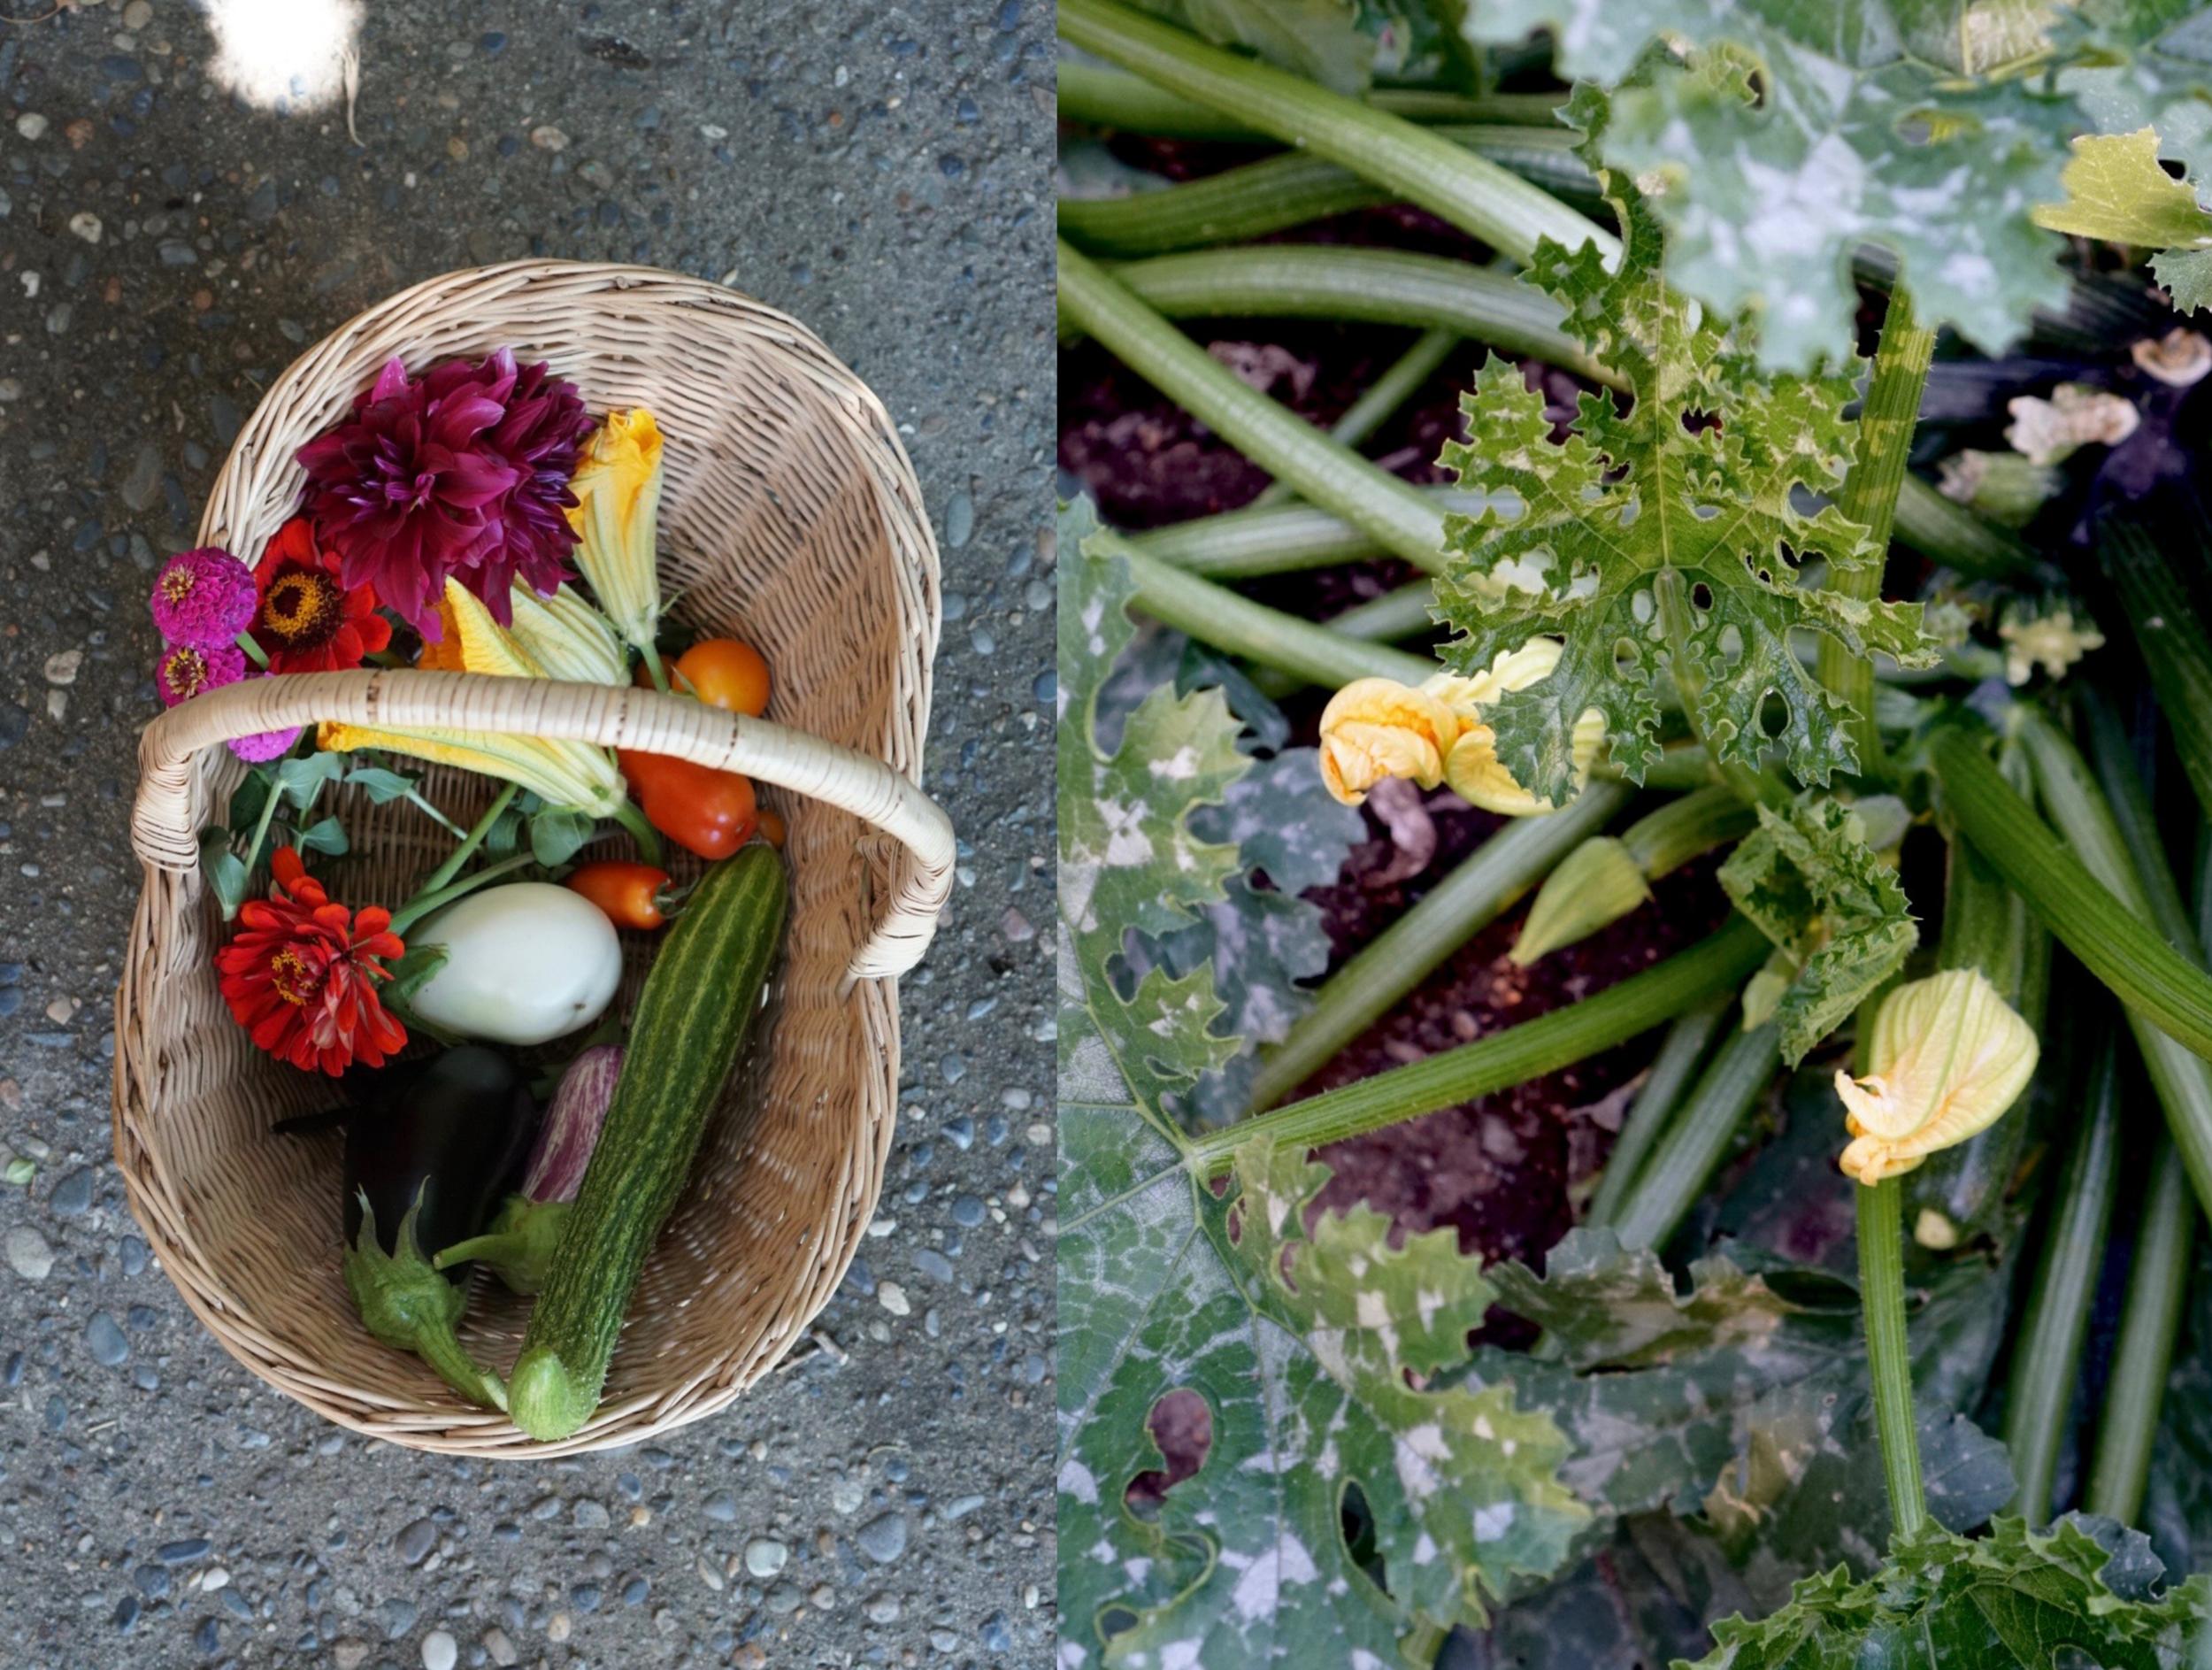 garden zucchini harvest basket